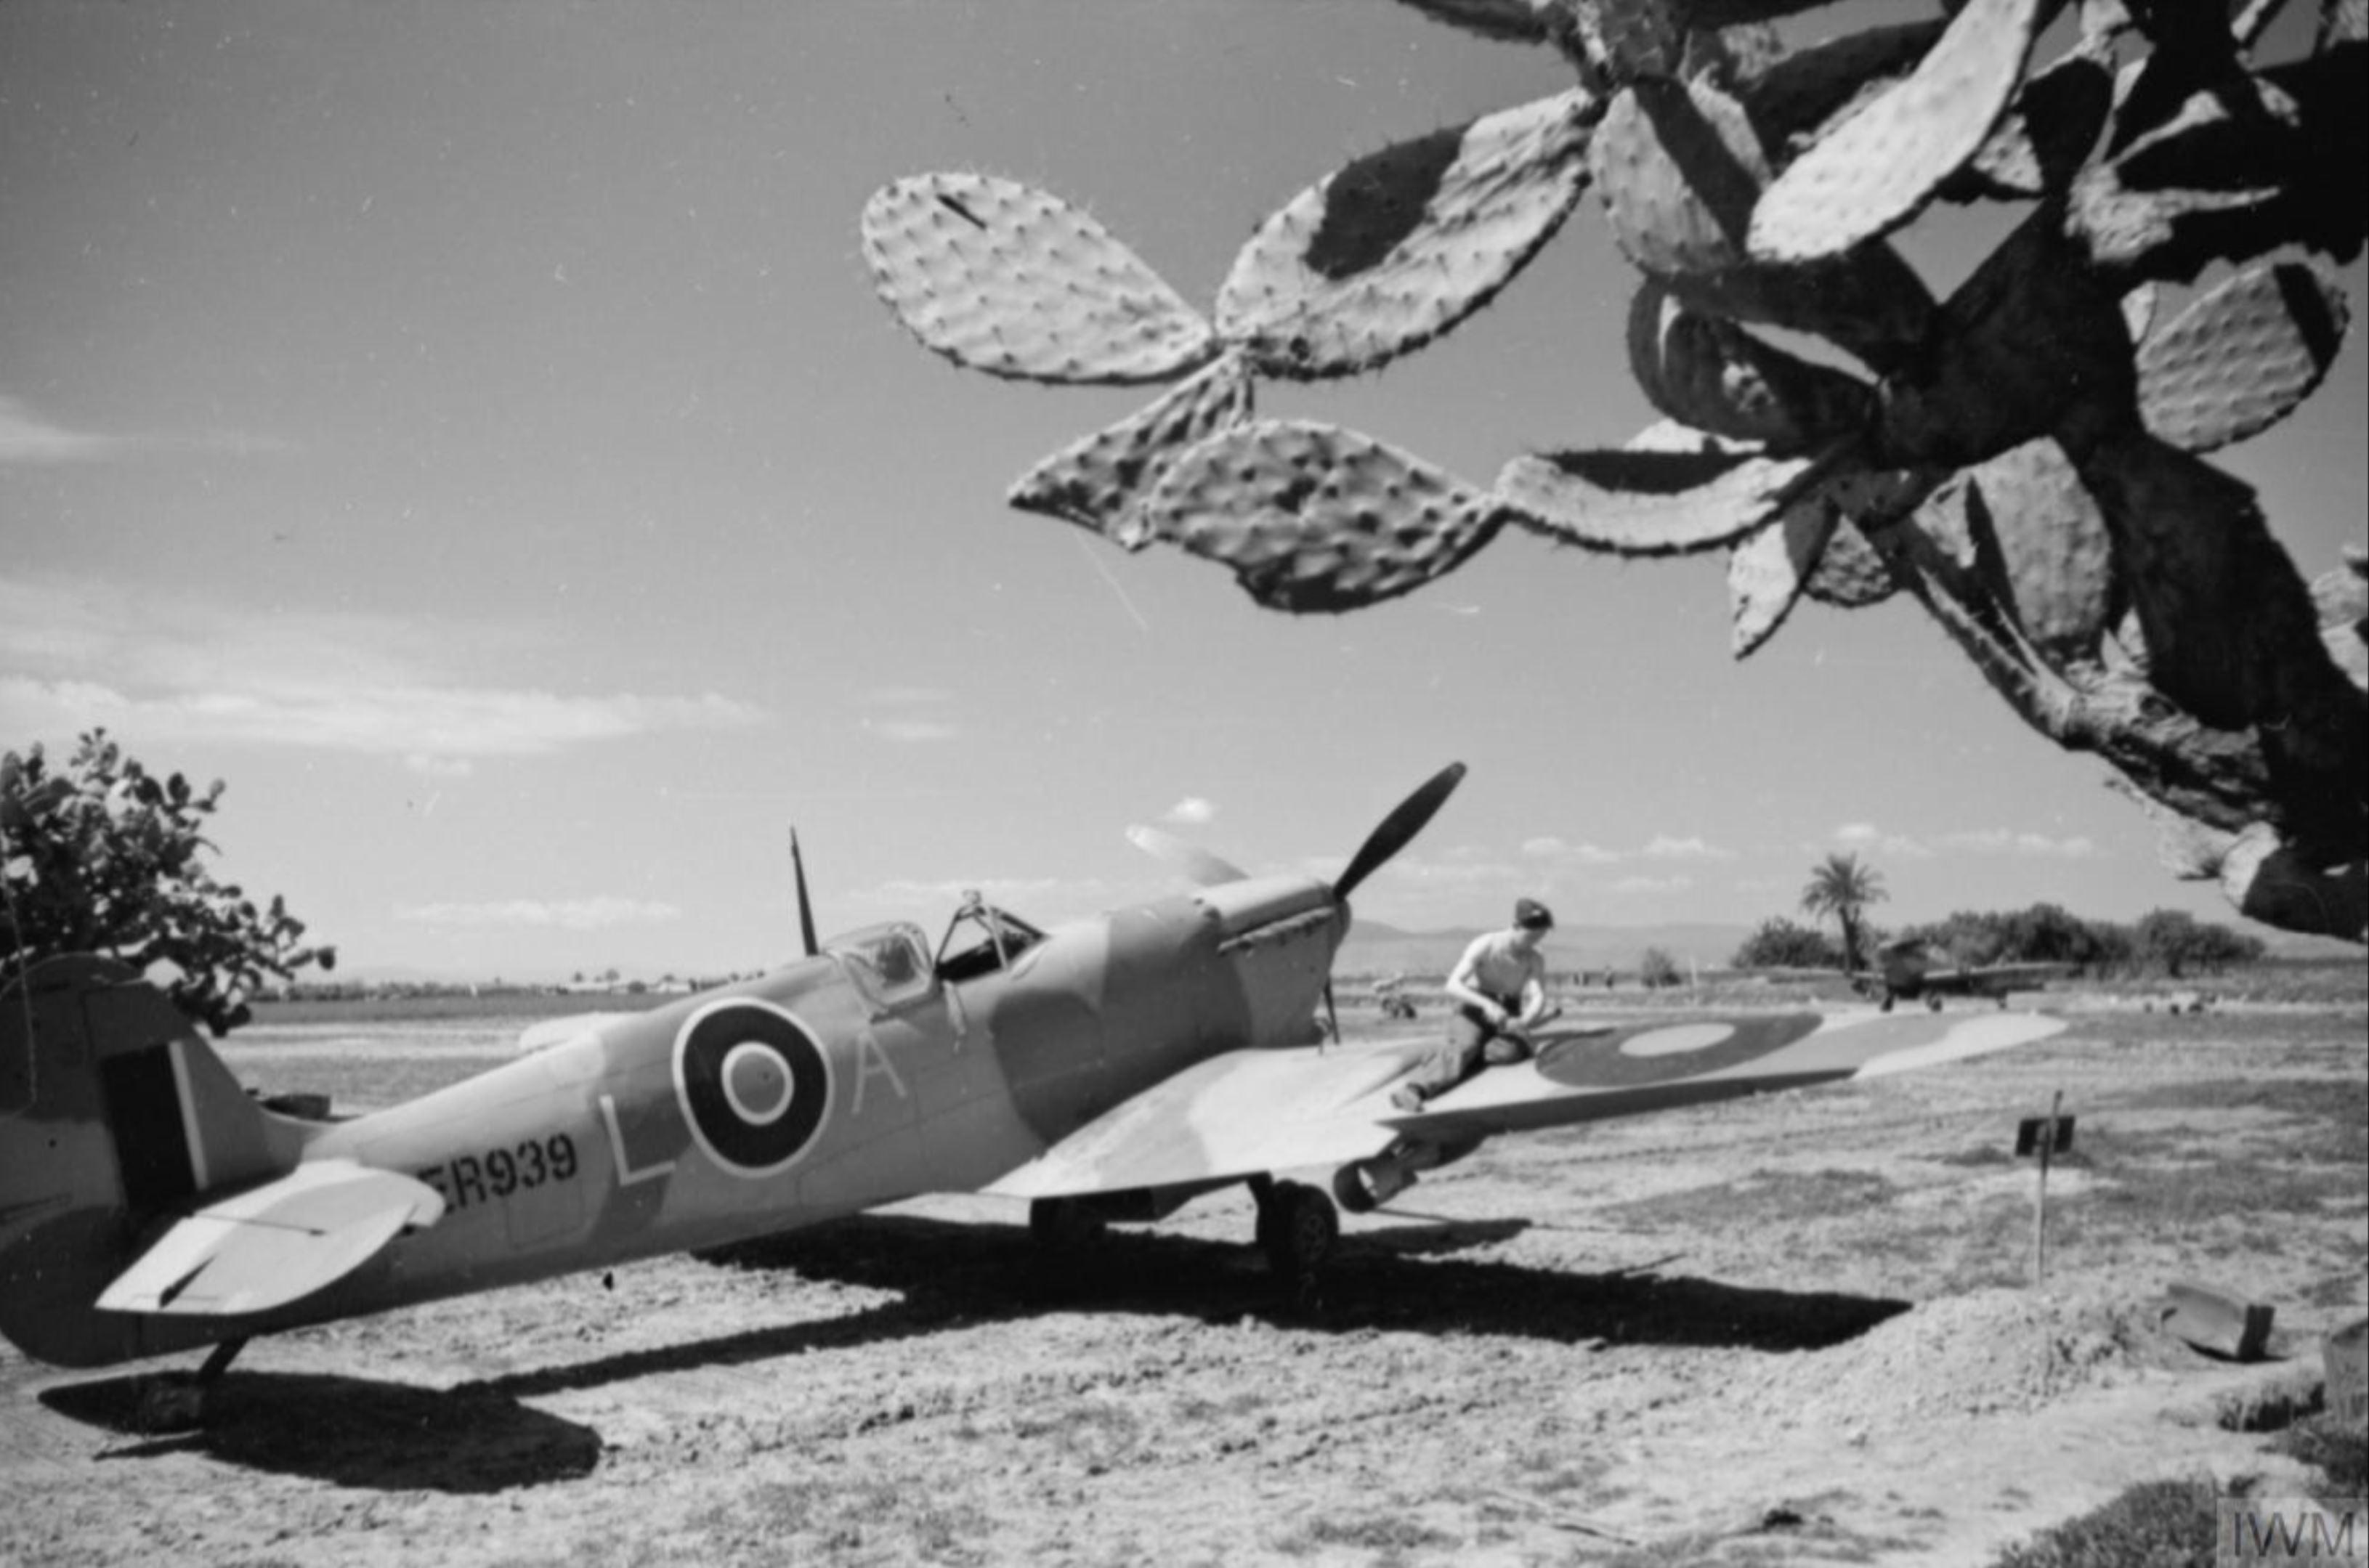 Spitfire MkVcTrop RAF 152Sqn LA ER939 at Souk el Khemis Tunisia IWM CNA4274